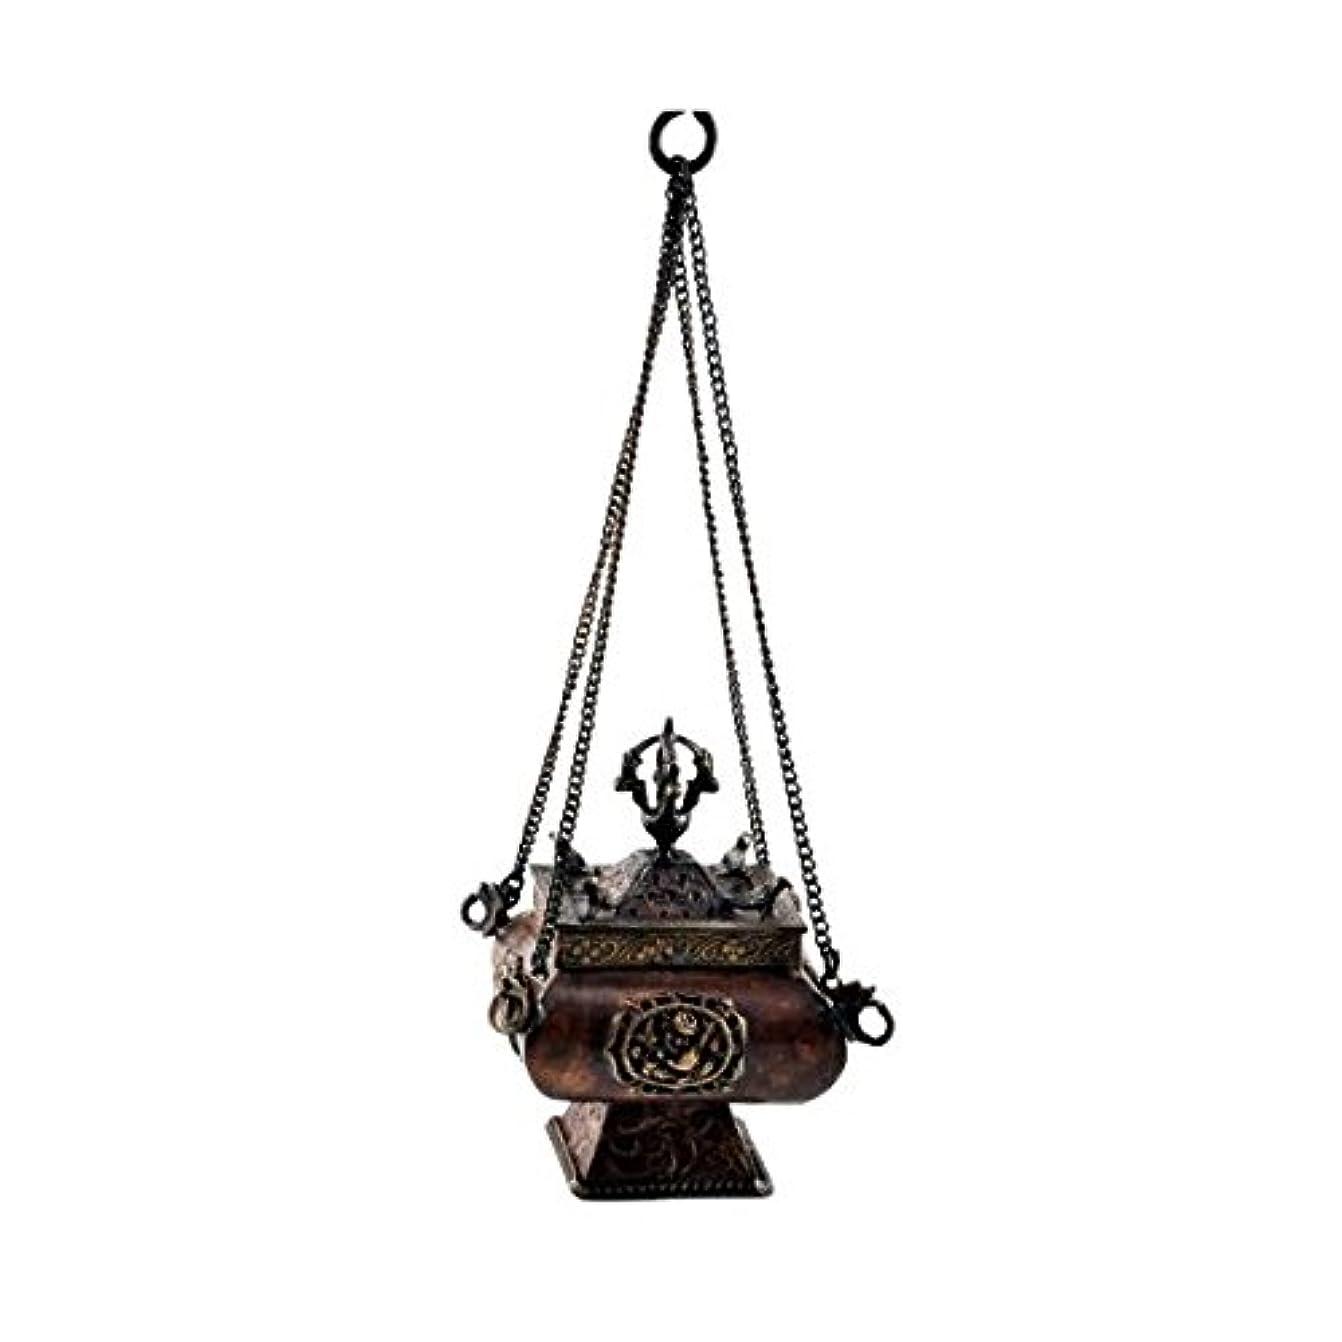 販売計画錆び唯一プレミアム品質銅真鍮Hanging Incense Burner Incense Burner